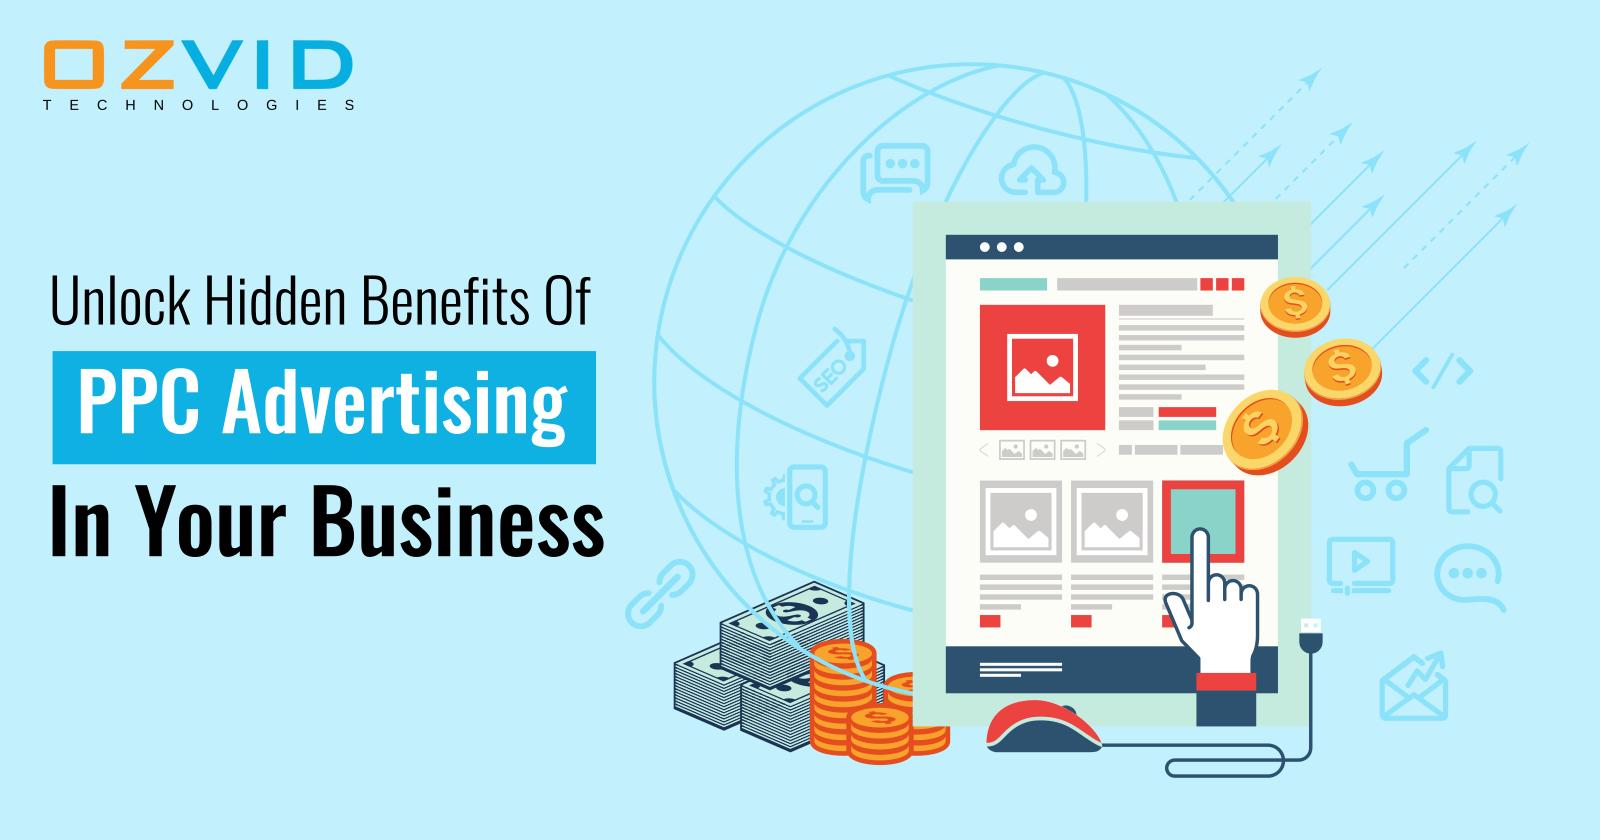 Unlock Hidden Benefits Of PPC Advertising In Your Business